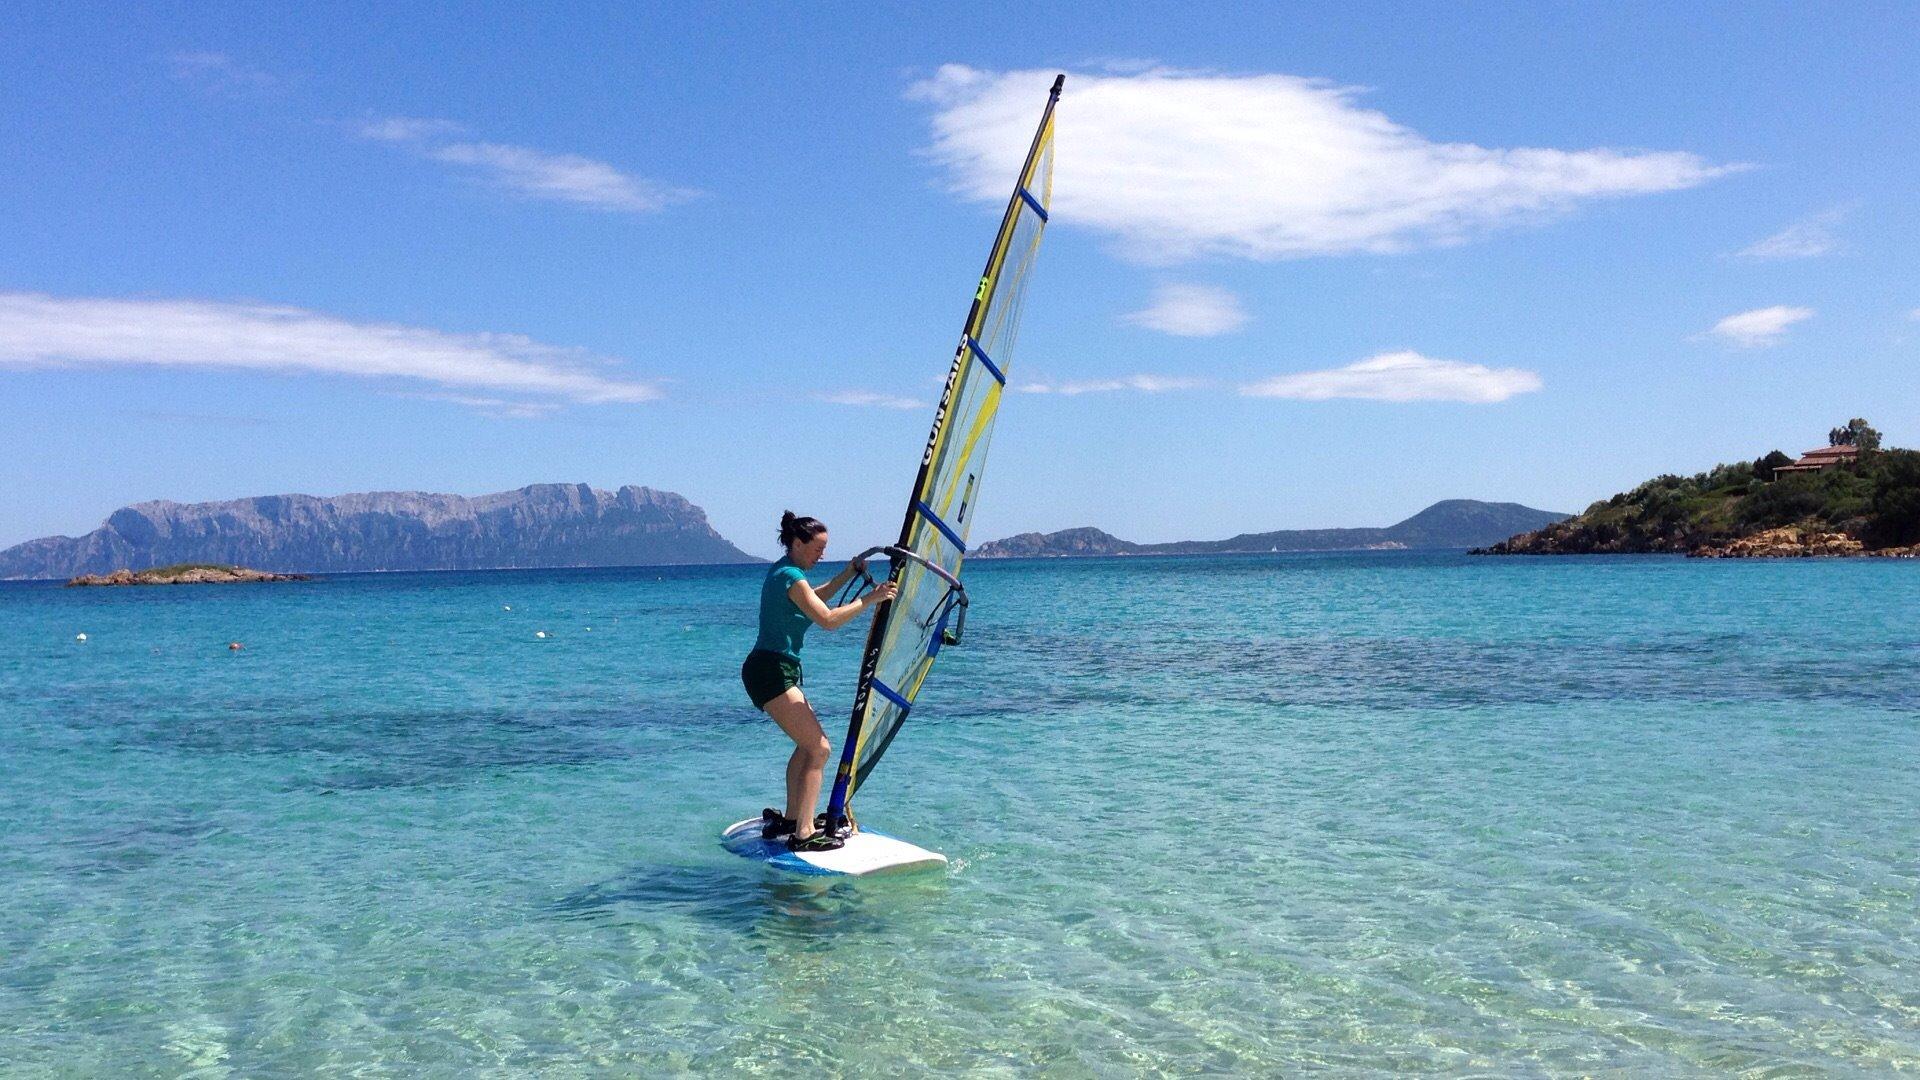 Alicja i windsyrfing